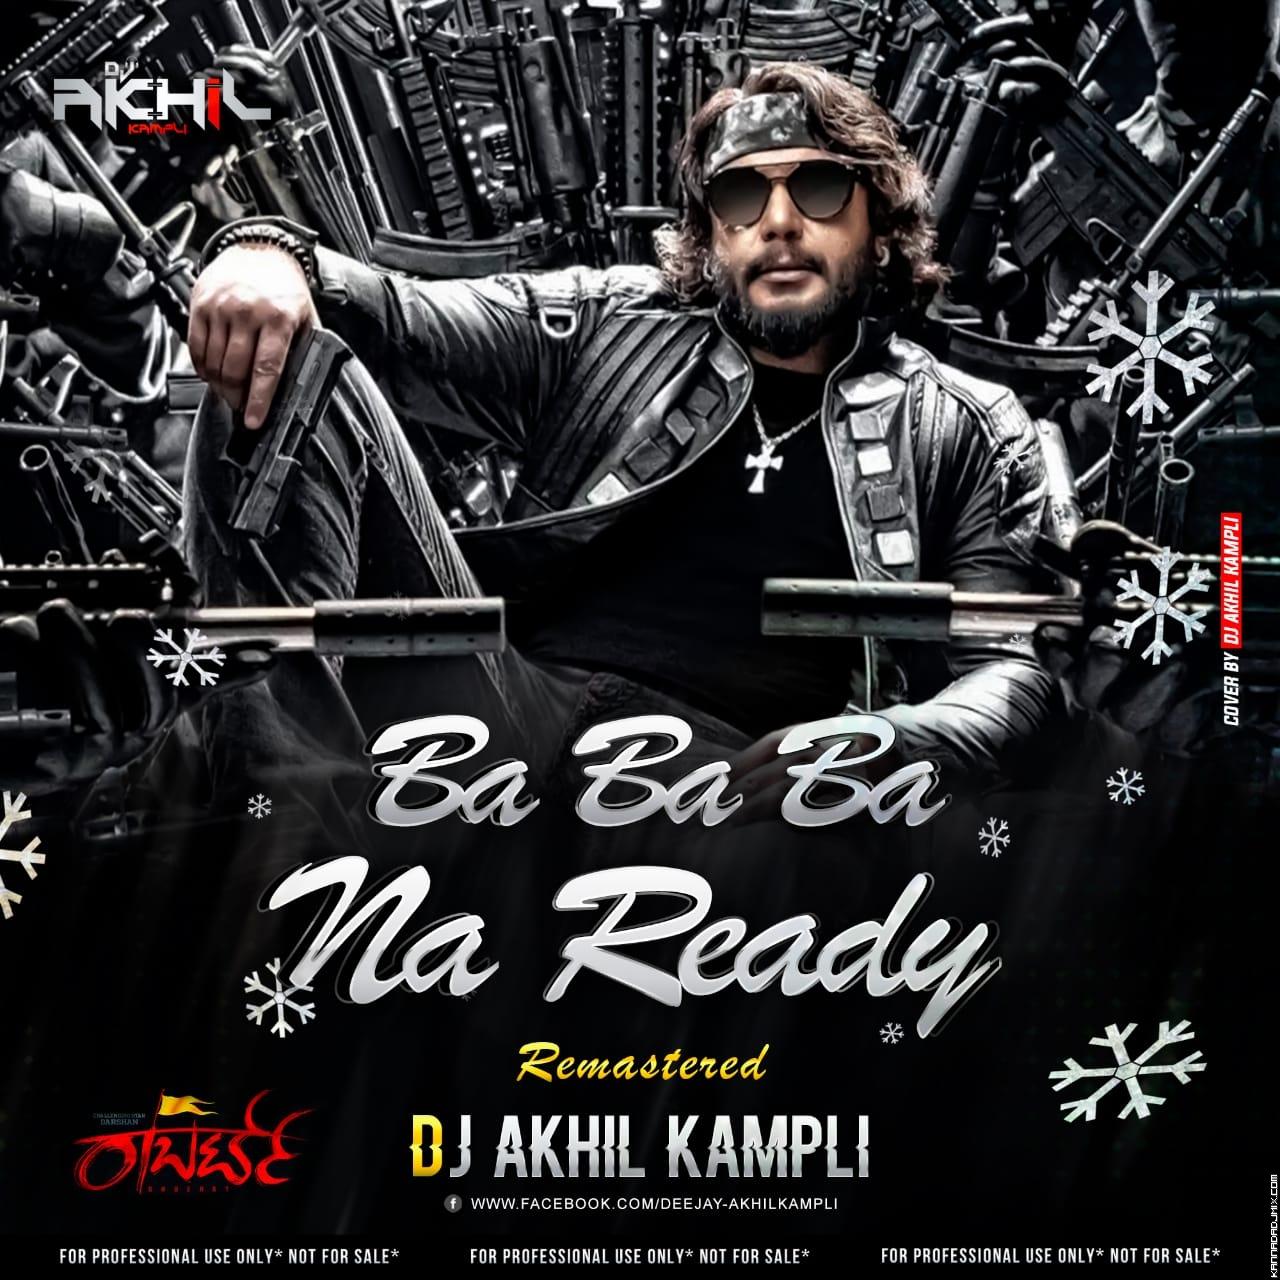 Ba Ba Ba Na Ready Remasterd Dj Akhil Kampli.mp3